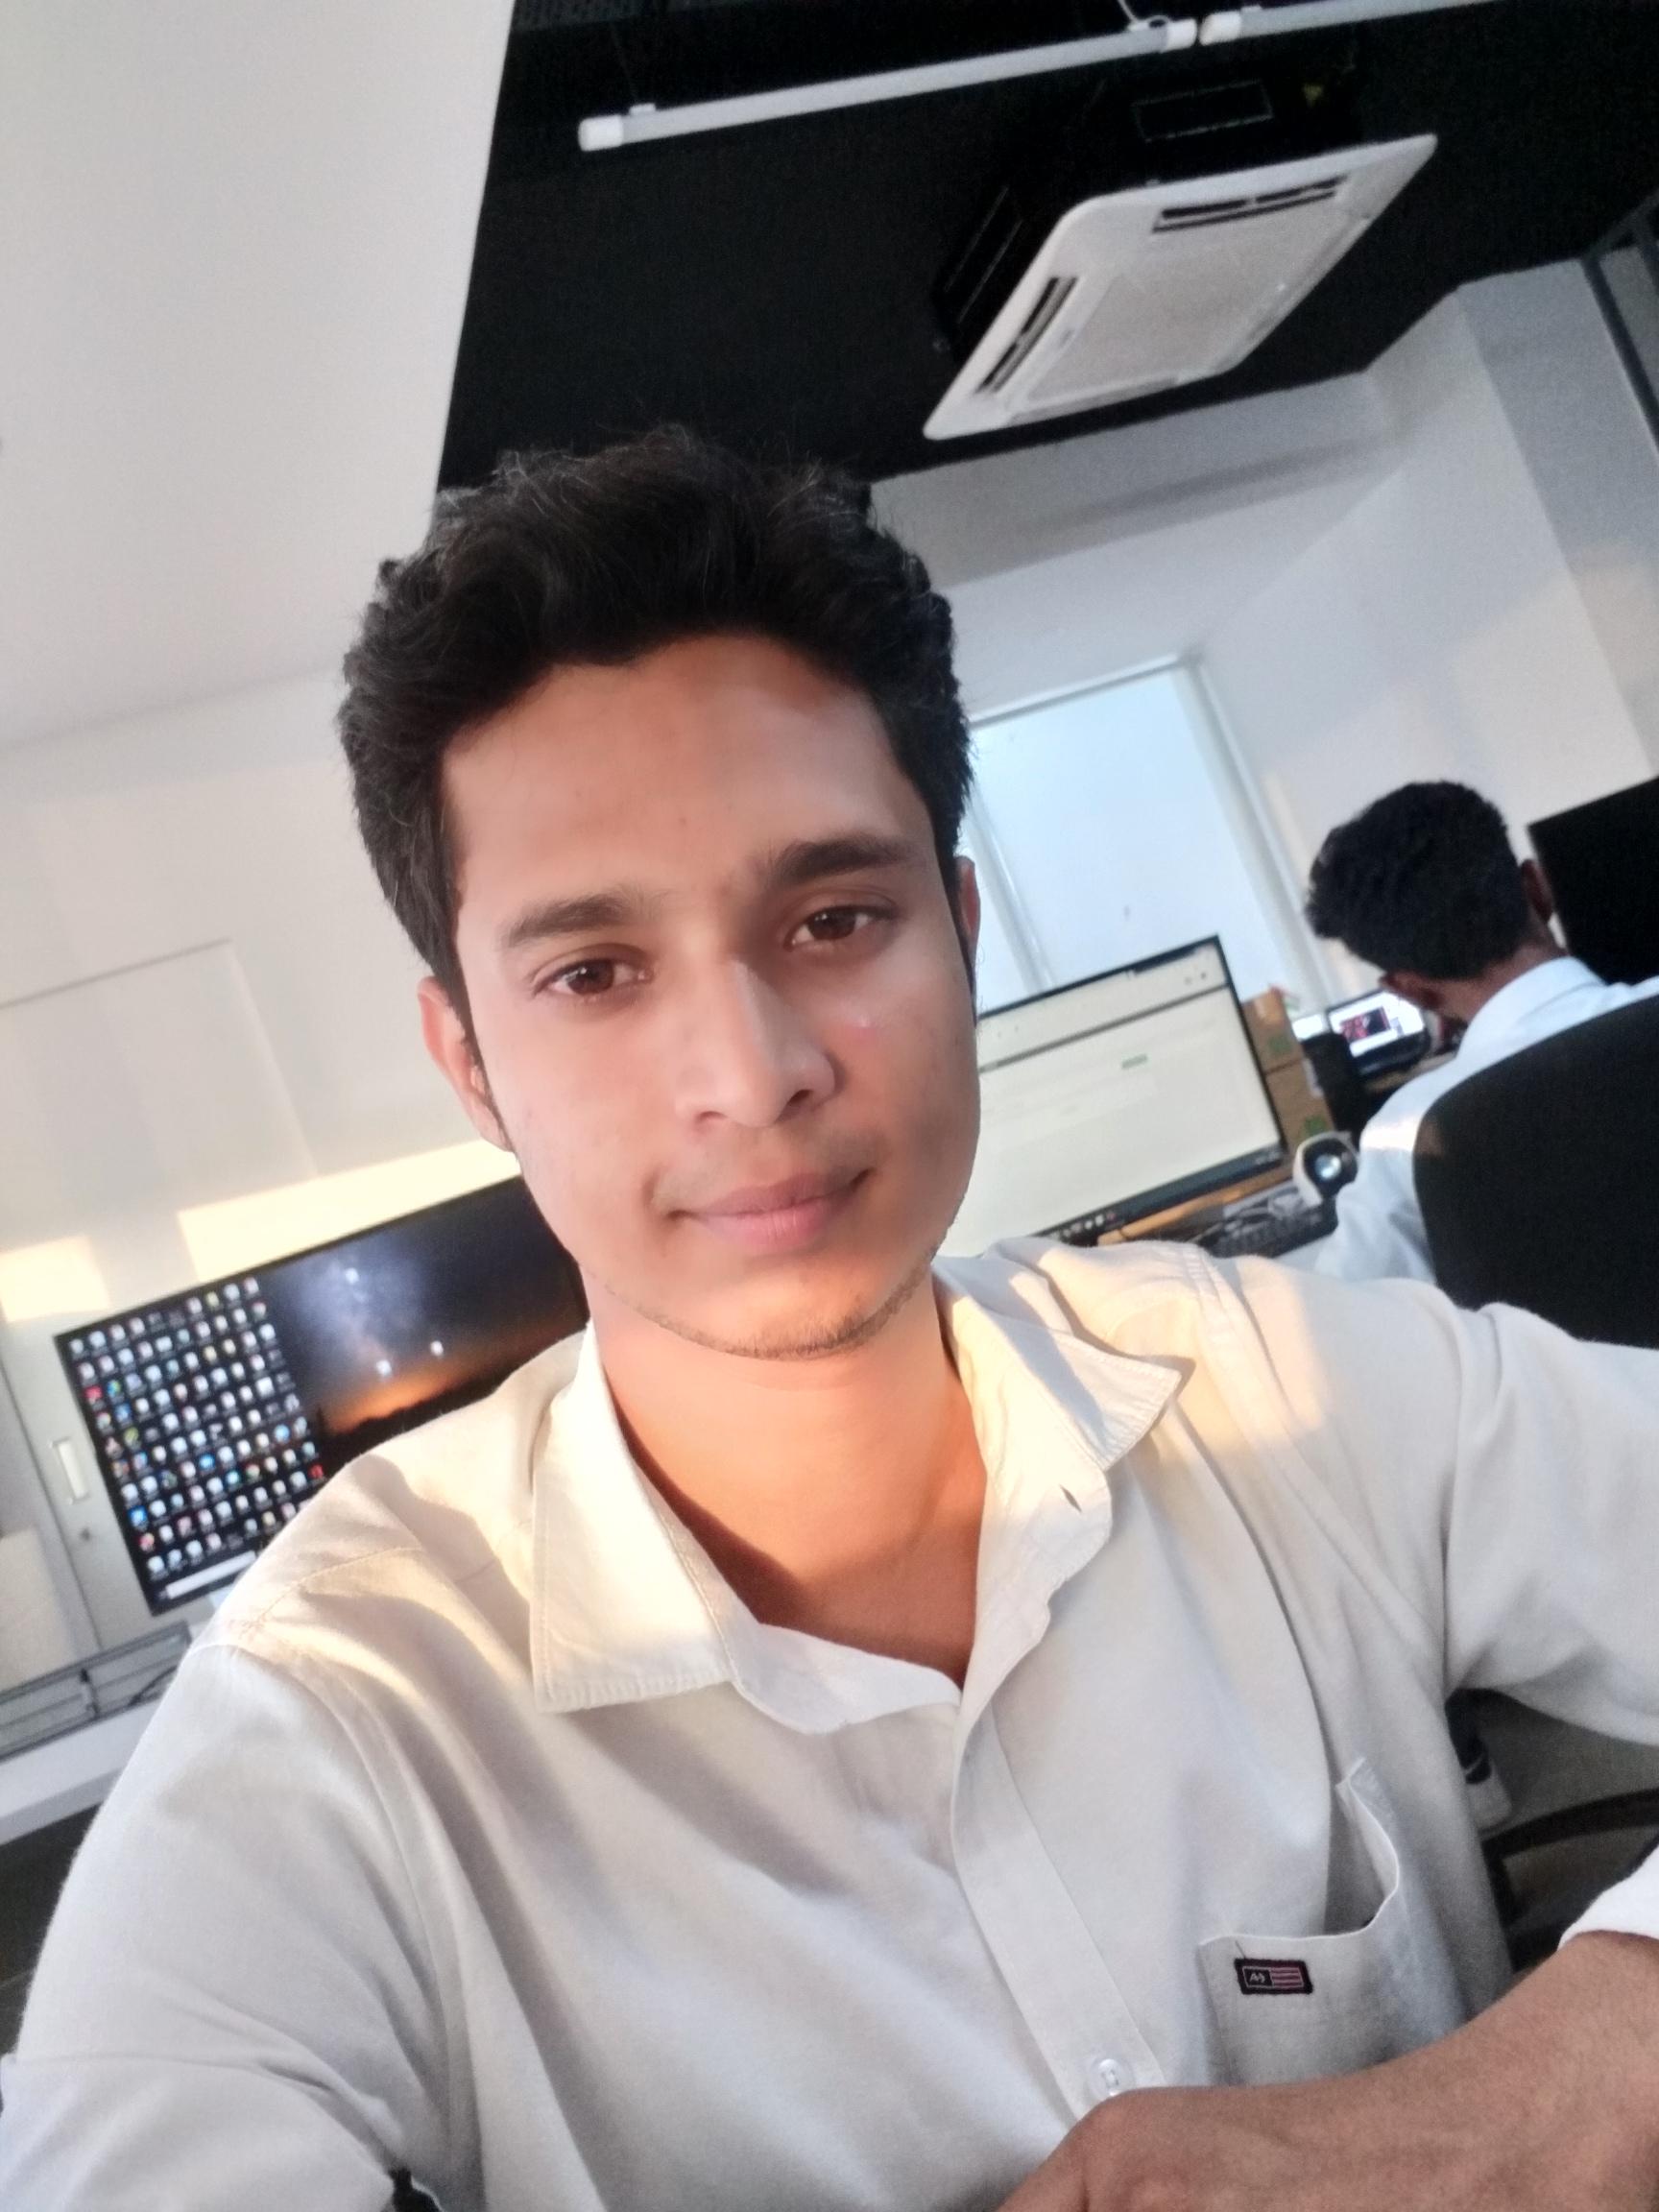 Darshan Ikhar